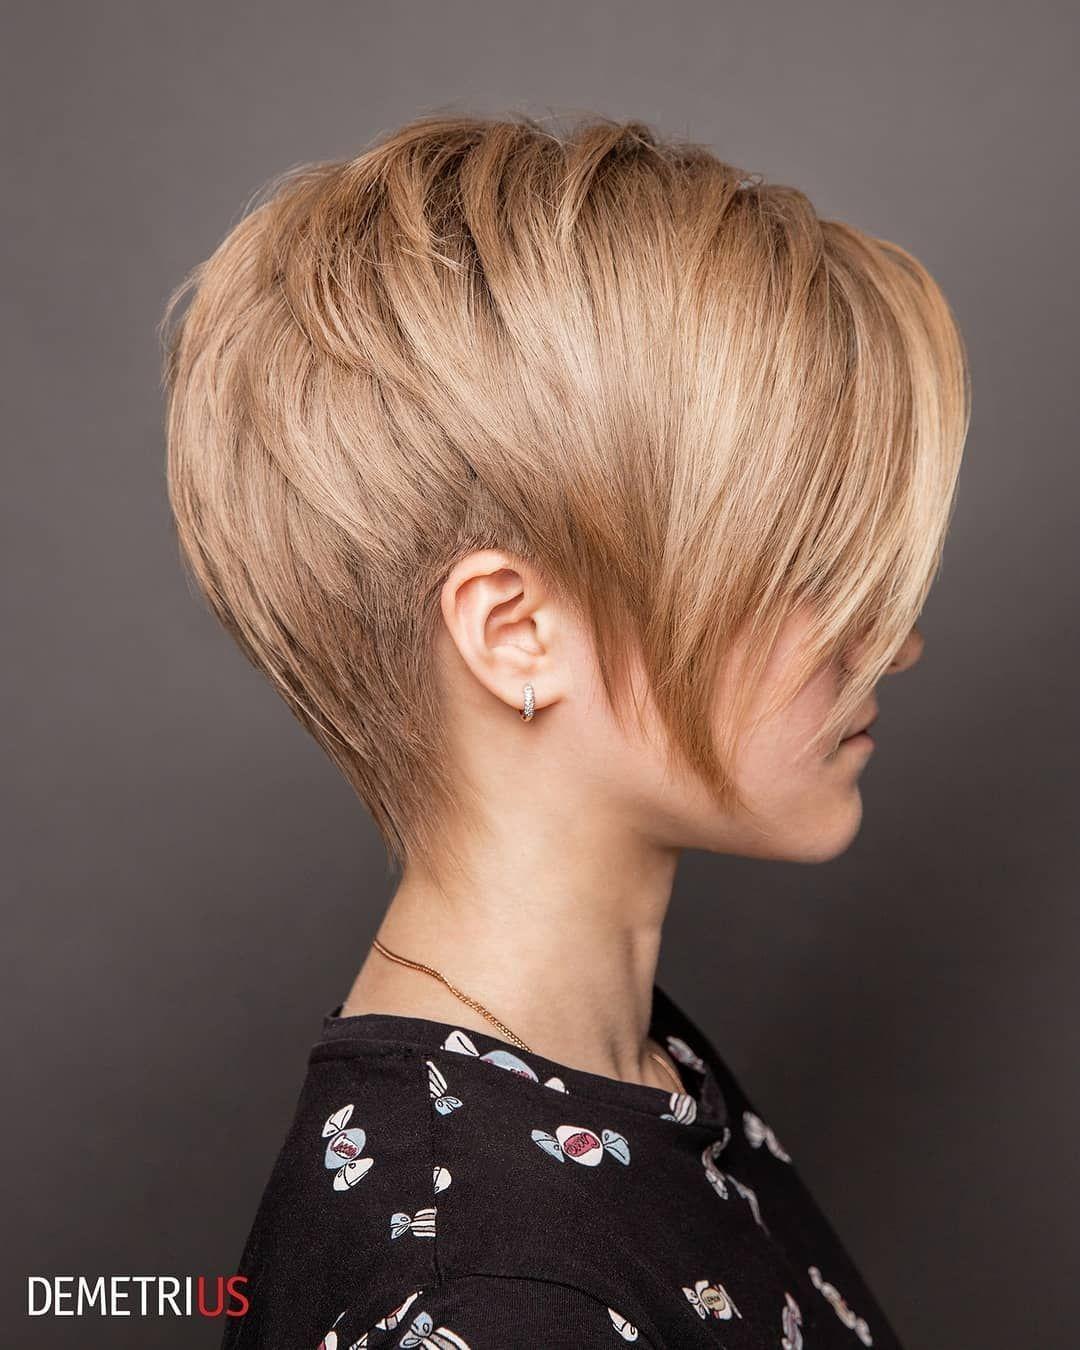 10 Weibliche Pixie Haarschnitte Ideen Fur Frauen Pixiehairstyles 10 Weibliche Pixie Haarschnitte Ideen Fur Fra Haarschnitt Ideen Pixie Haarschnitt Haarschnitt